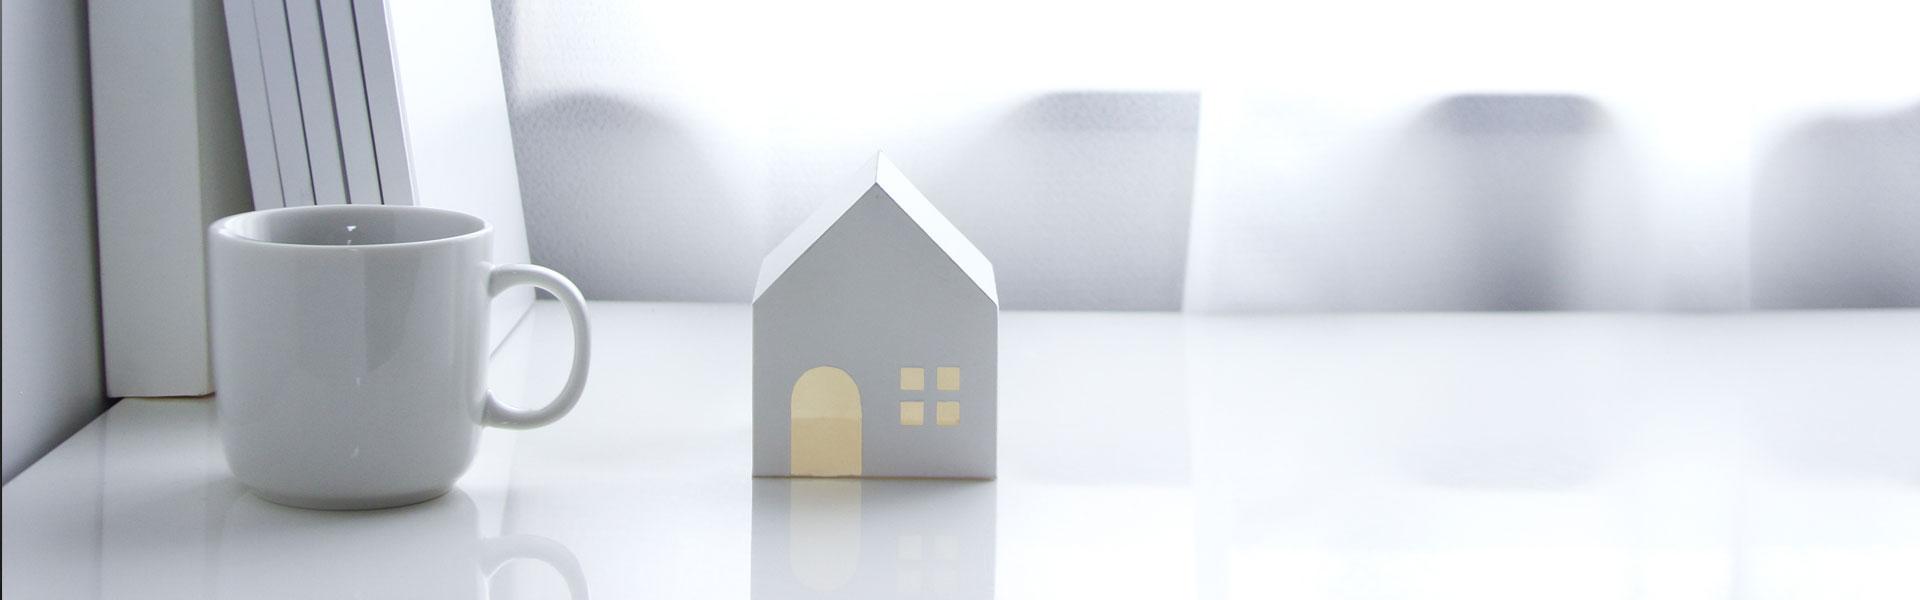 Maison a vendre à MONTREUIL SOUS PEROUSE, LANDAVRAN, VAL D'IZE, CHAMPEAUX, MARPIRE, DOURDAIN ou LA BOUEXIERE (35)